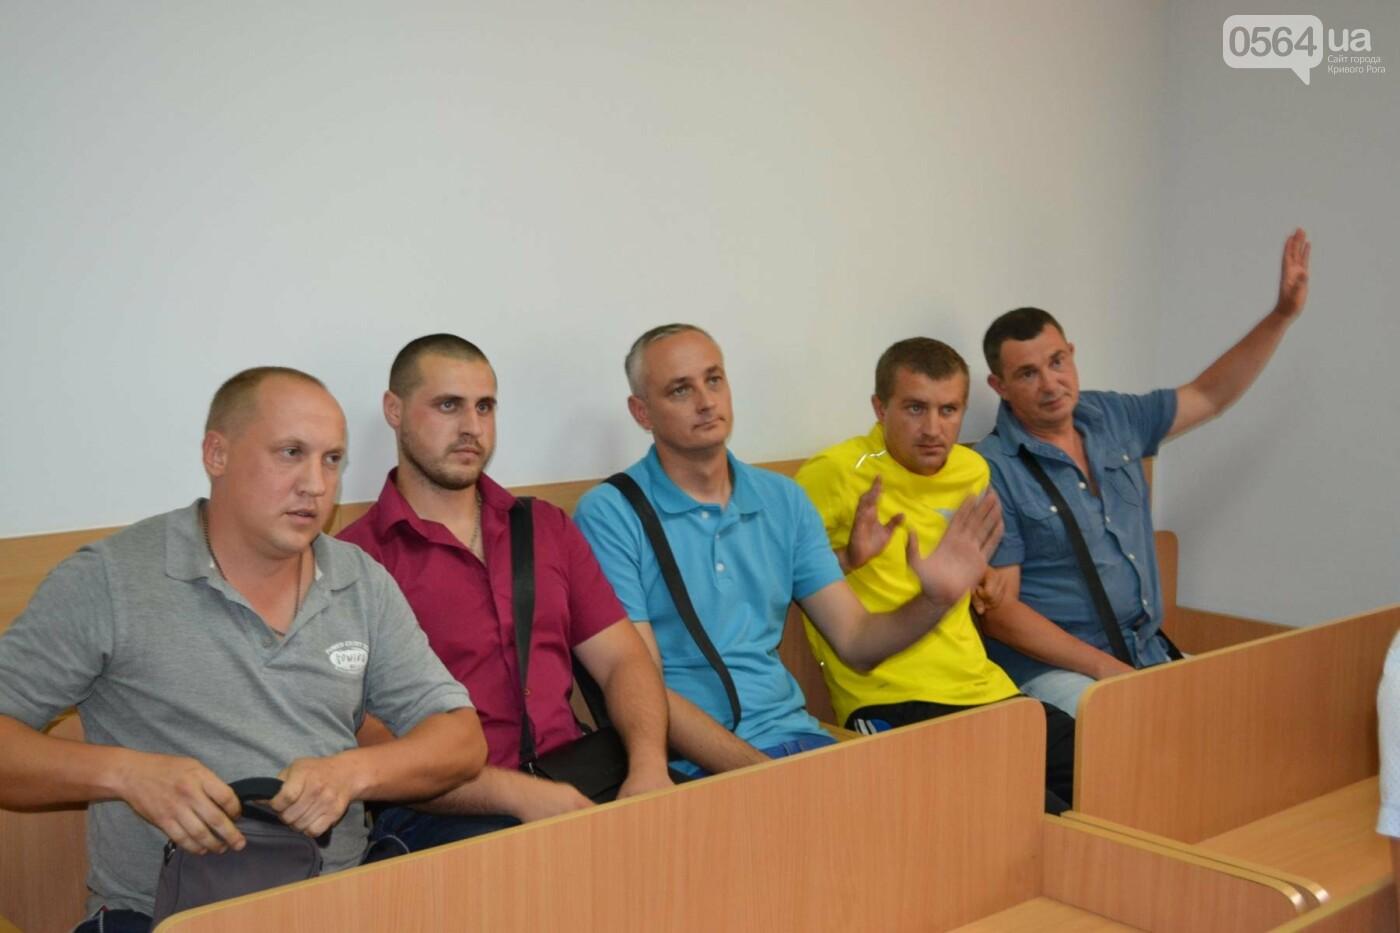 """Свидетель по делу лидера """"Автомайдана"""" в Кривом Роге заявил, что видел """"облако"""", - ФОТО, фото-5"""